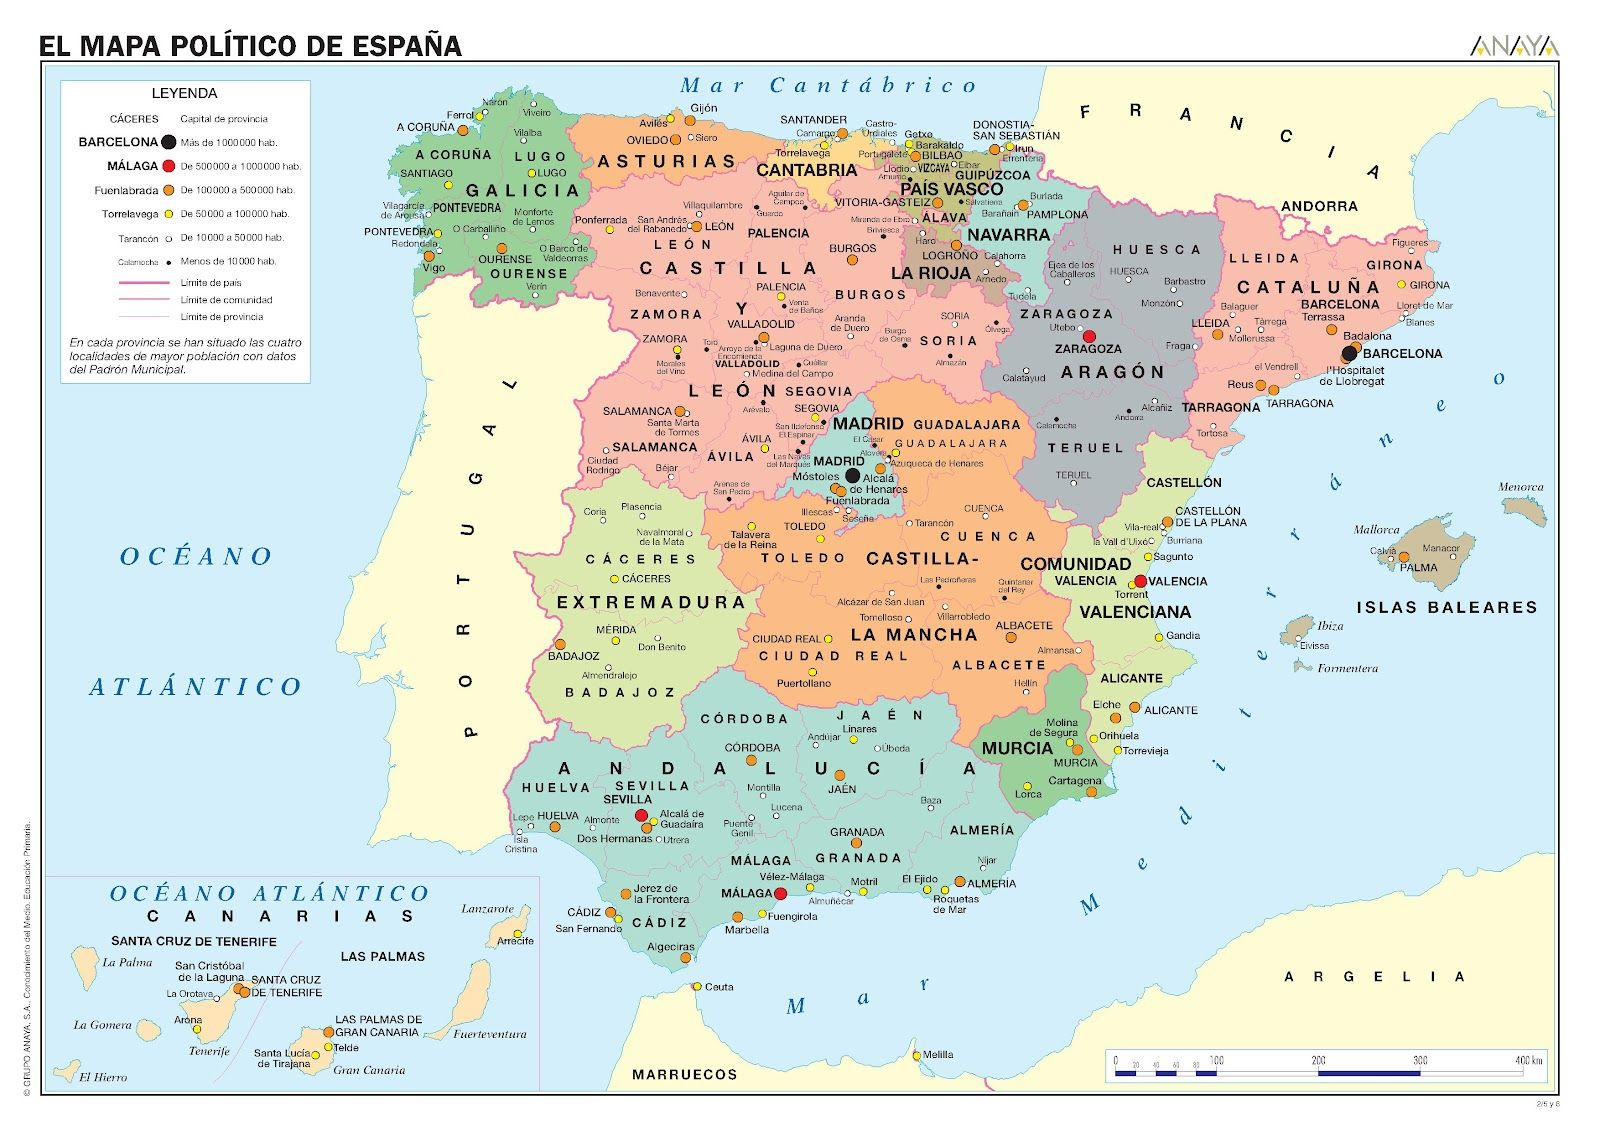 Web De Conocer España Gratis Menina De Sexo Real Bragança-9905